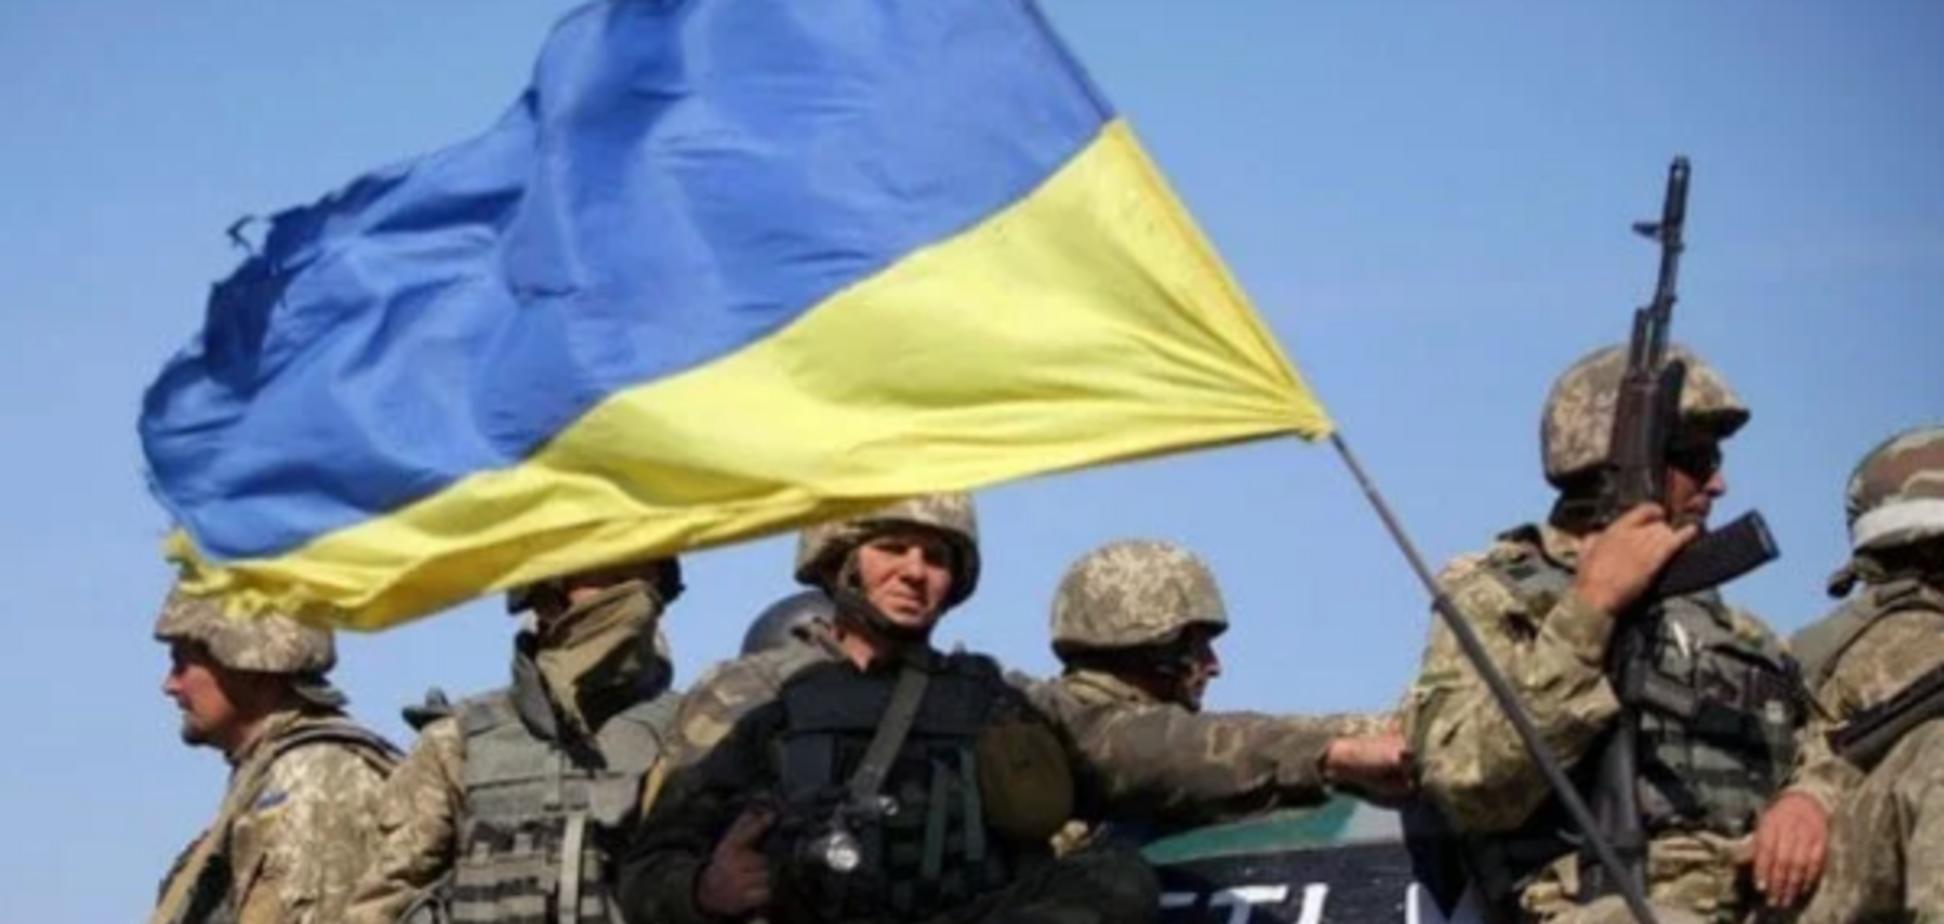 'Л/ДНР' развязали кровавые бои на Донбассе: у ВСУ потери